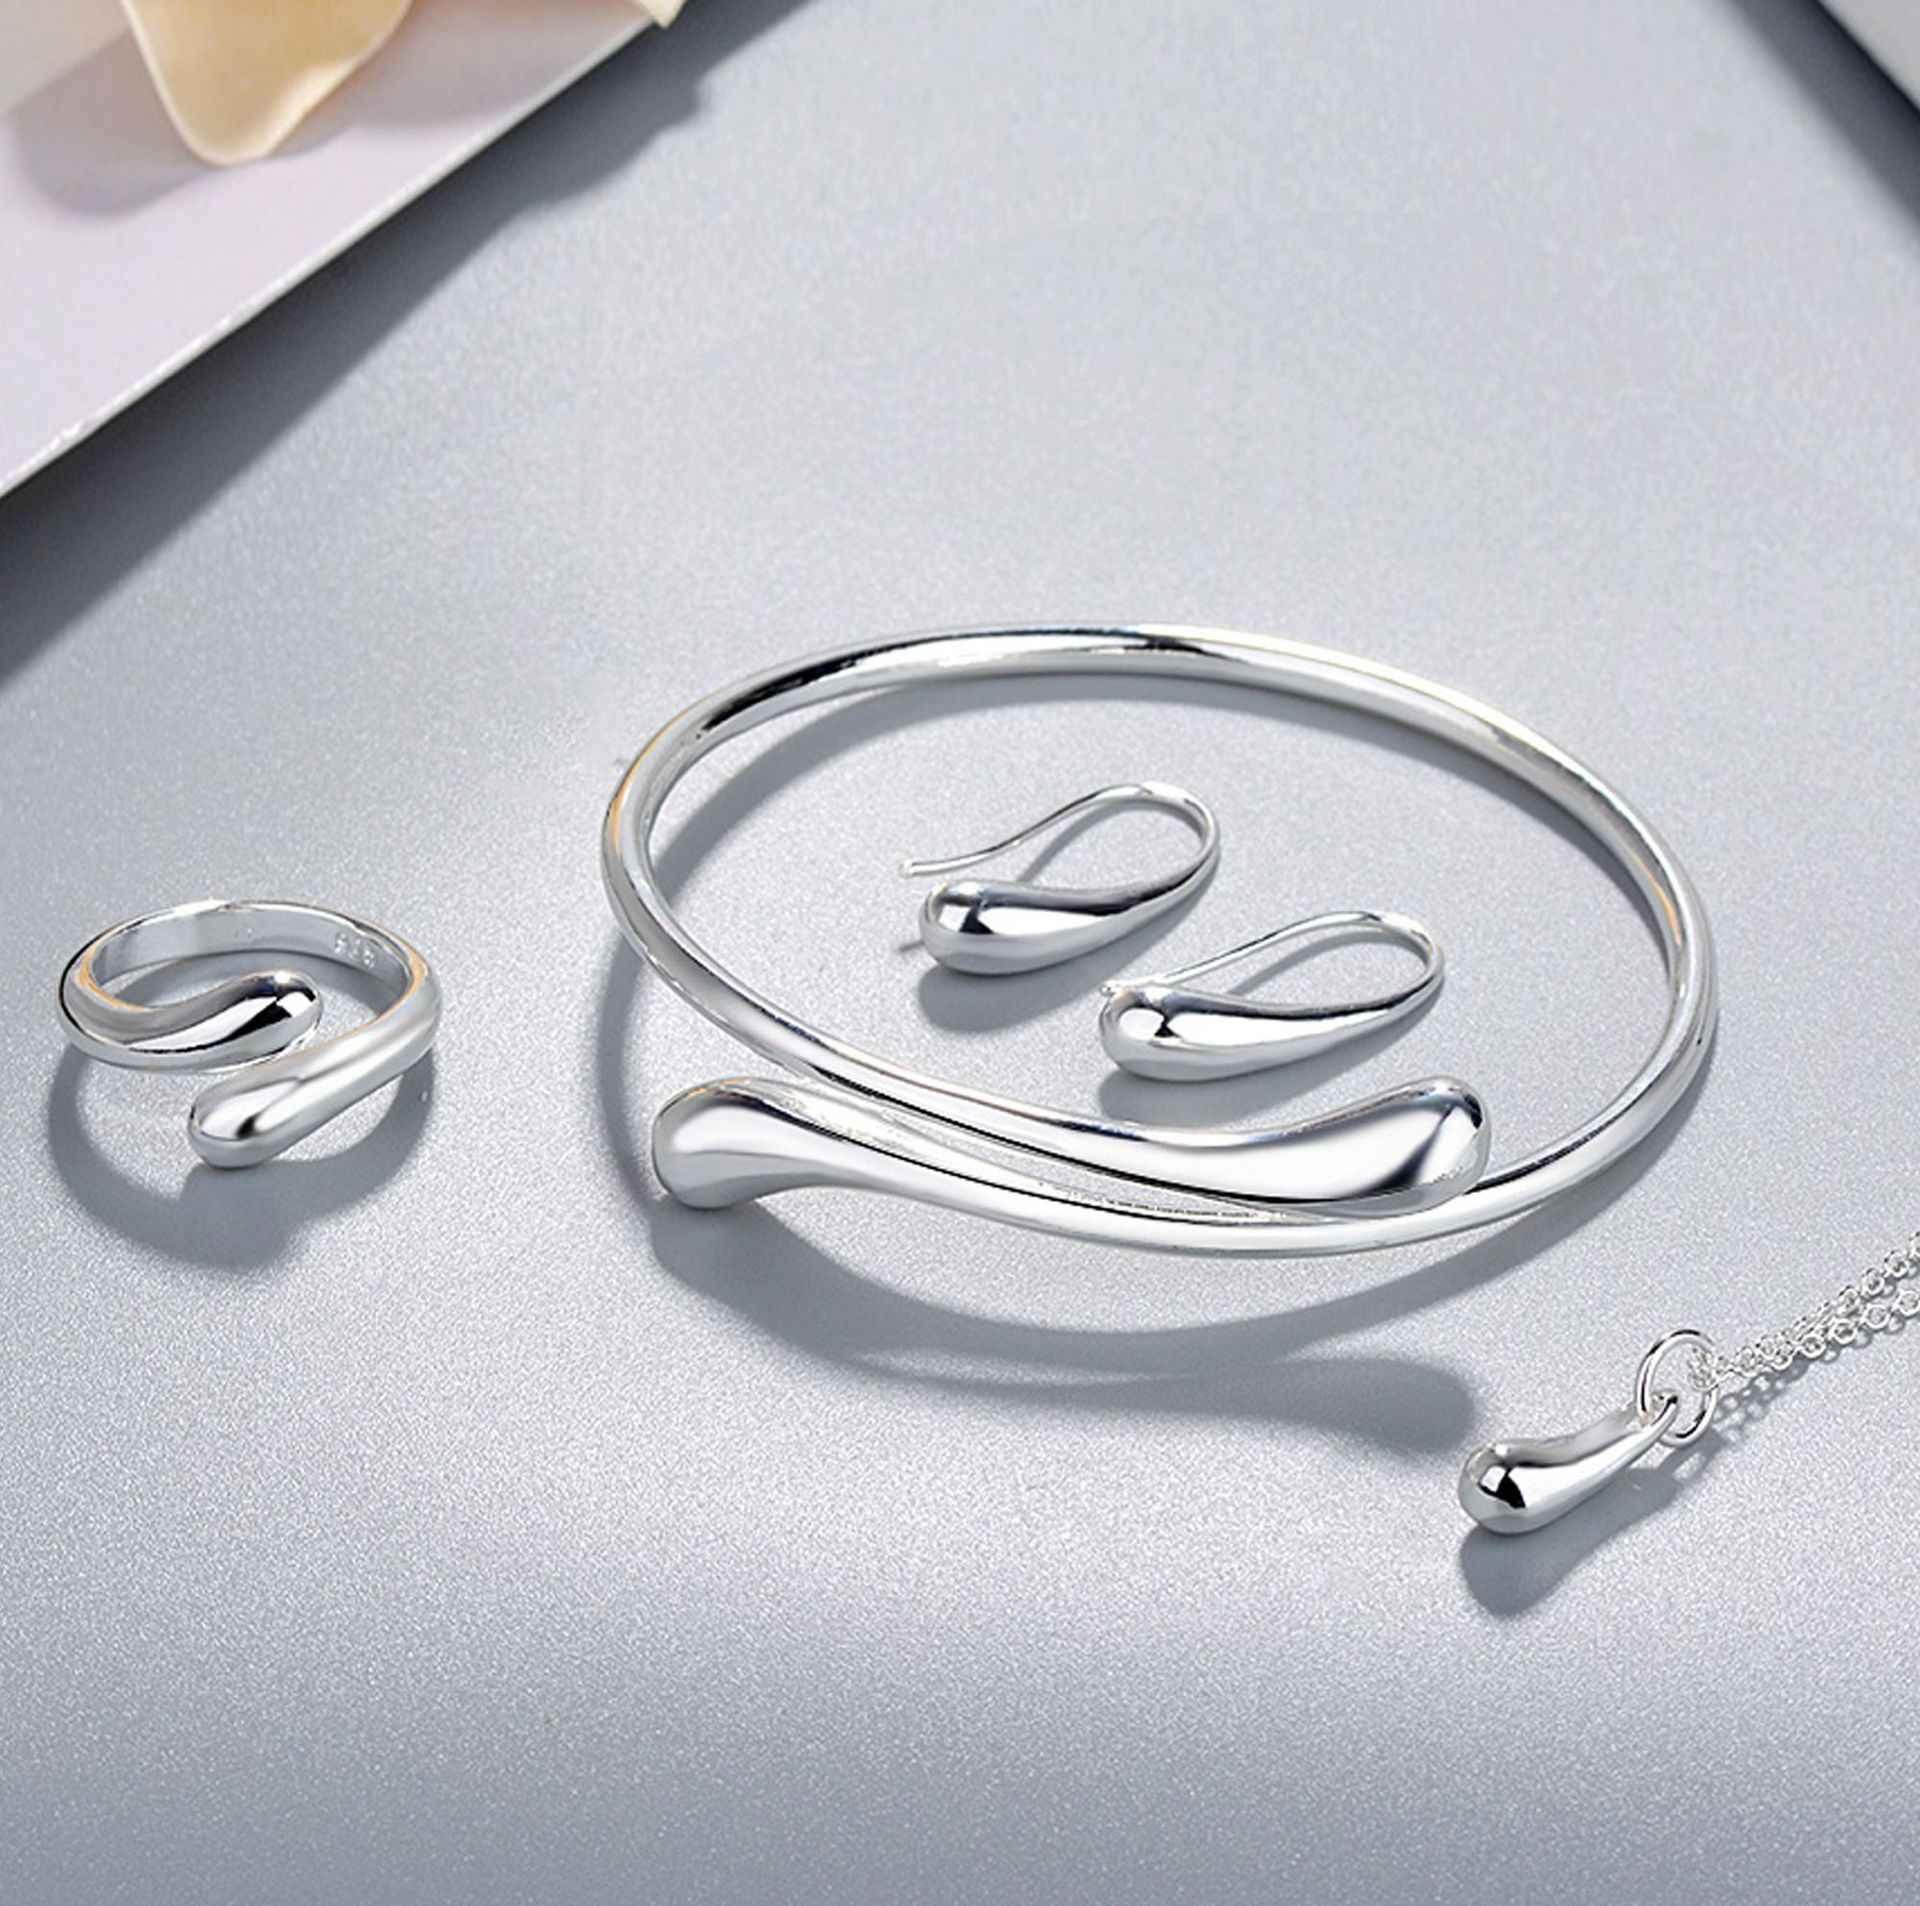 Conjunto de joyas de plata de ley 925, Gargantilla de compromiso nupcial, collar de cadena, pendiente, anillo, pulsera para mujer, regalo de joyas de fiesta jz370